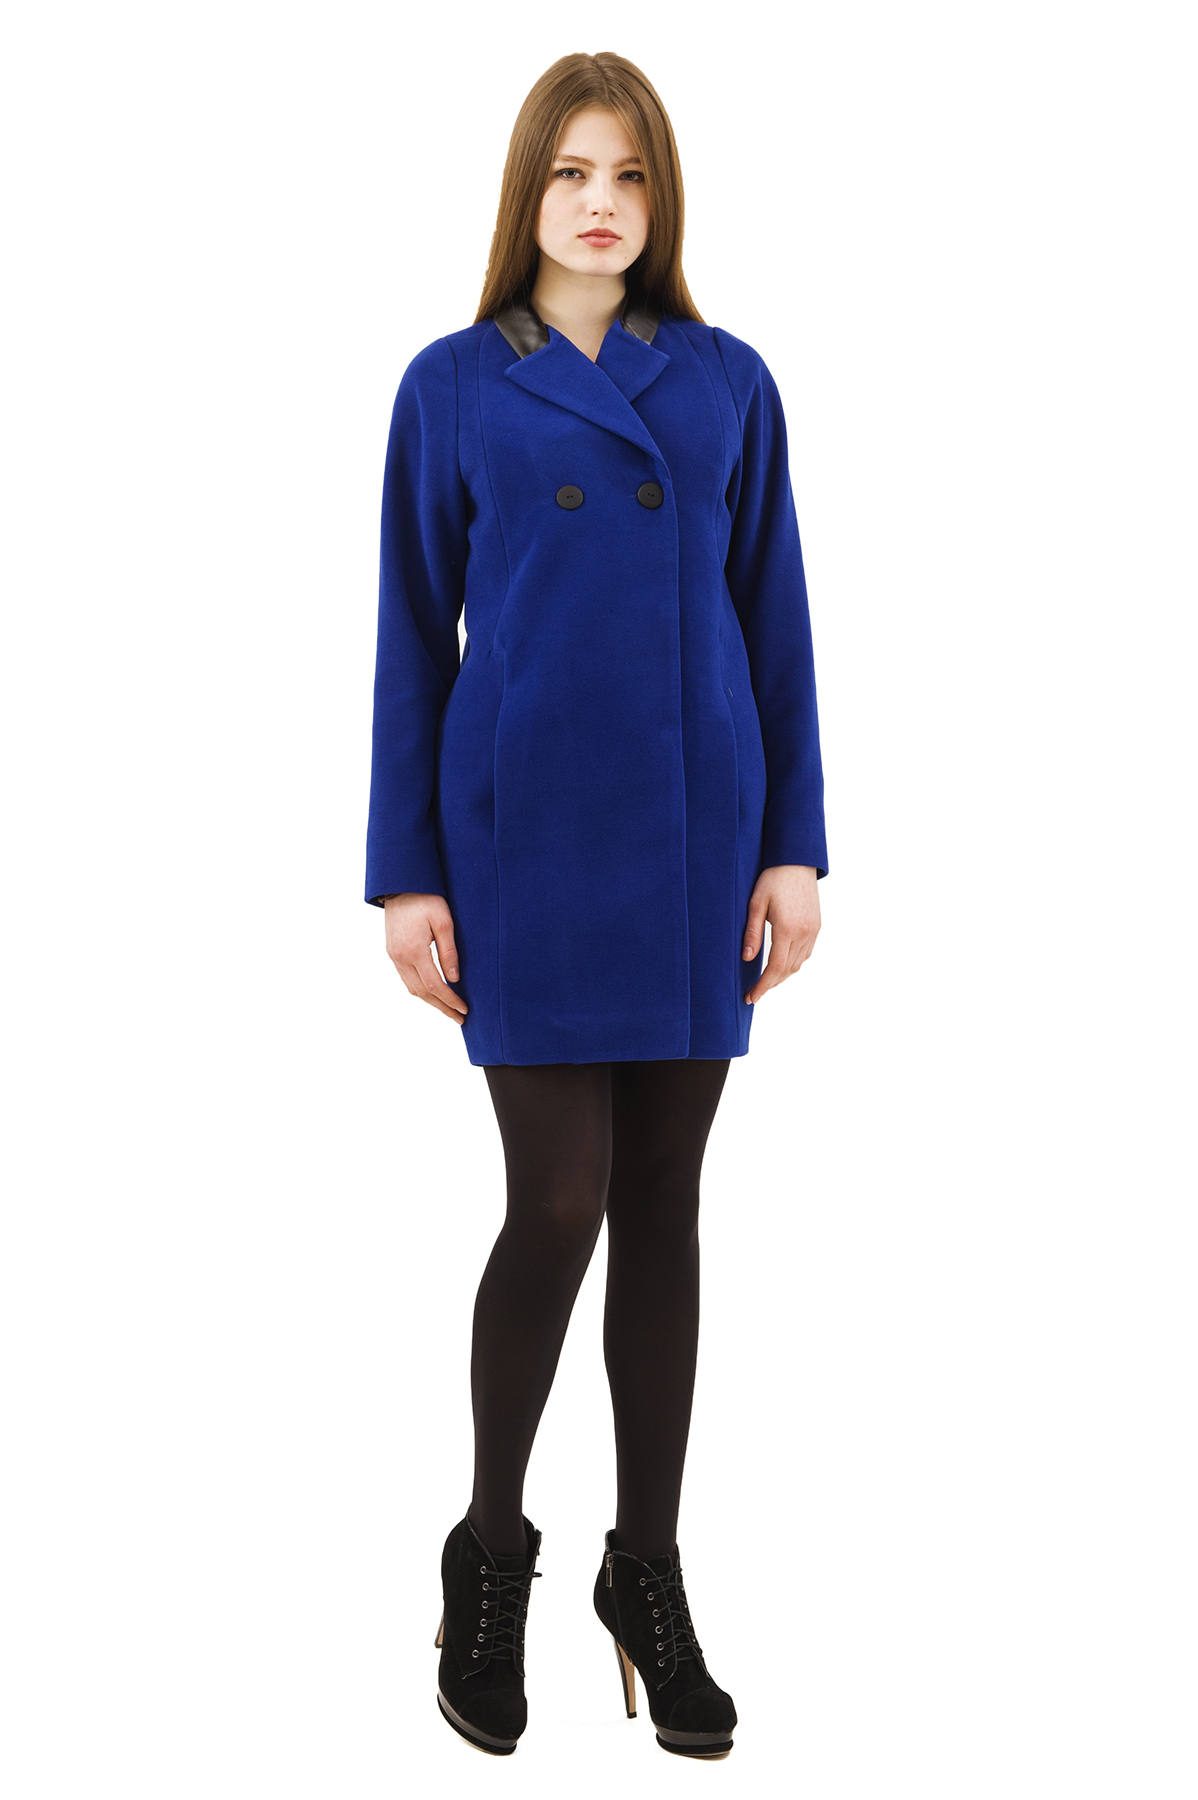 ПальтоЖенские куртки, плащи, пальто<br>Bосхитительный вариант для тех, кто предпочитает стильные решения - элегантное пальтоDoctor Eсдержанного модного дизайна, который подчеркнет Ваш безупречный вкус.<br><br>Цвет: синий<br>Состав: 15% шерсть, 2%эластан, 18%вискоза ,65% полиэстер<br>Размер: 42,44,46,48,50,52,54,56,58,60<br>Страна дизайна: Россия<br>Страна производства: Россия